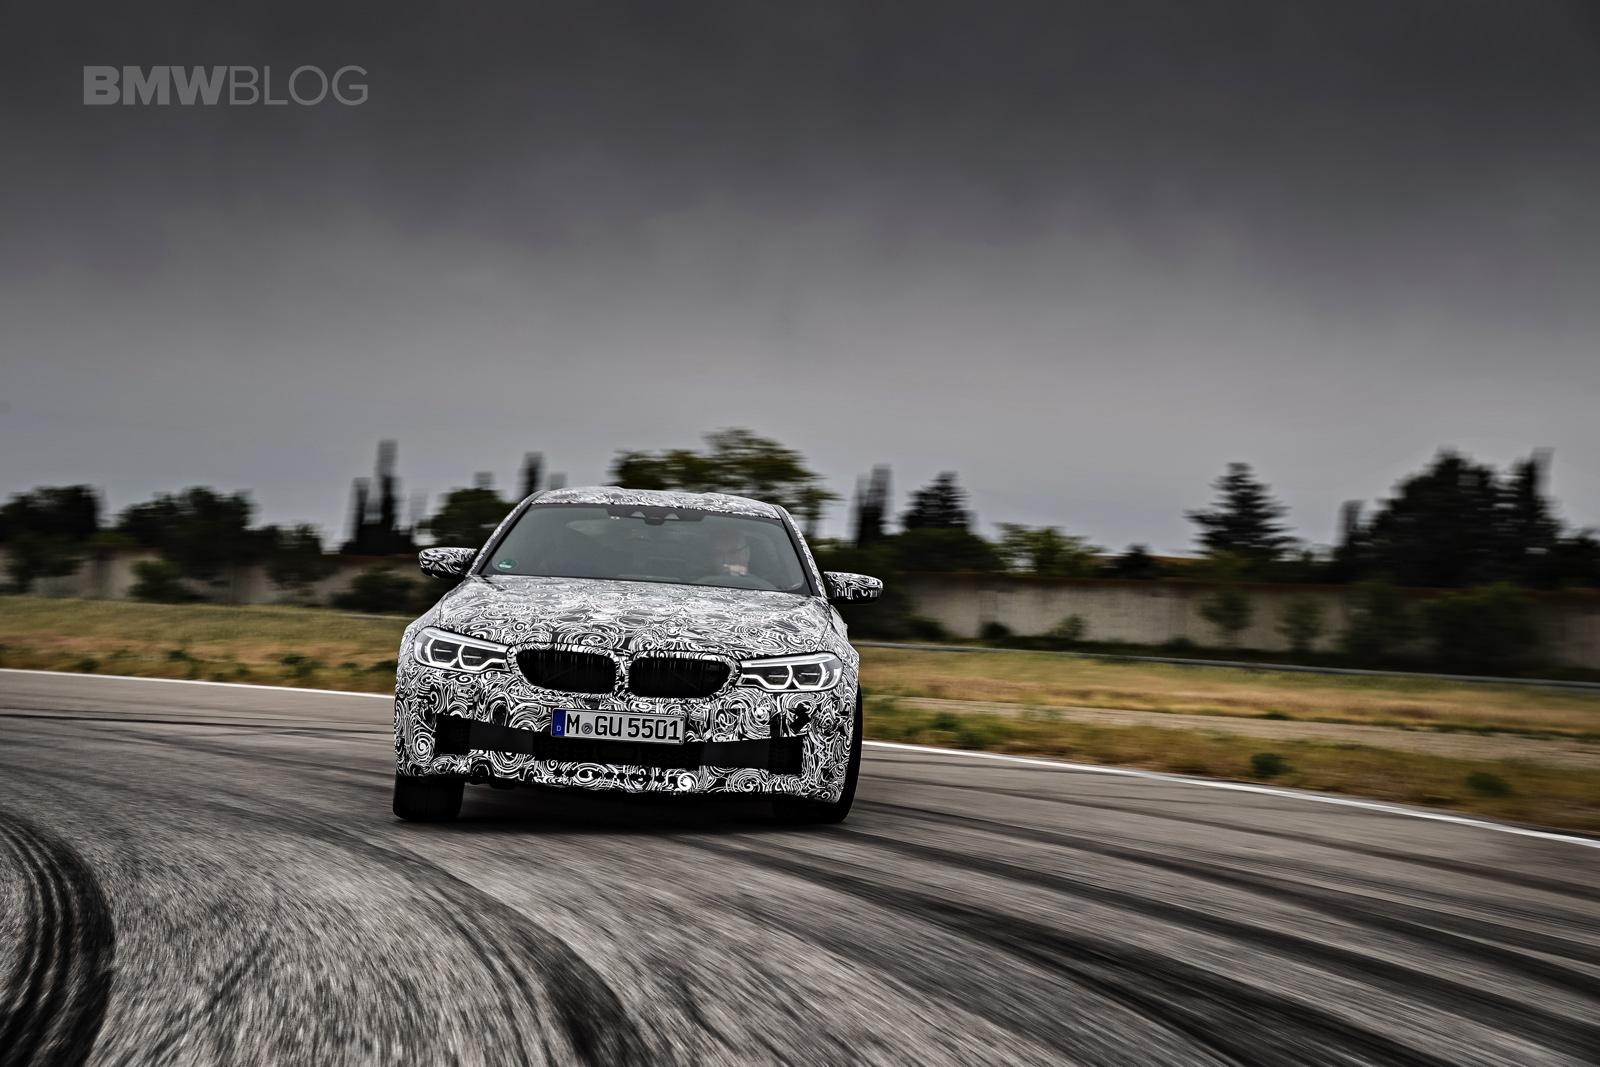 2018 BMW M5 pre production drive 67